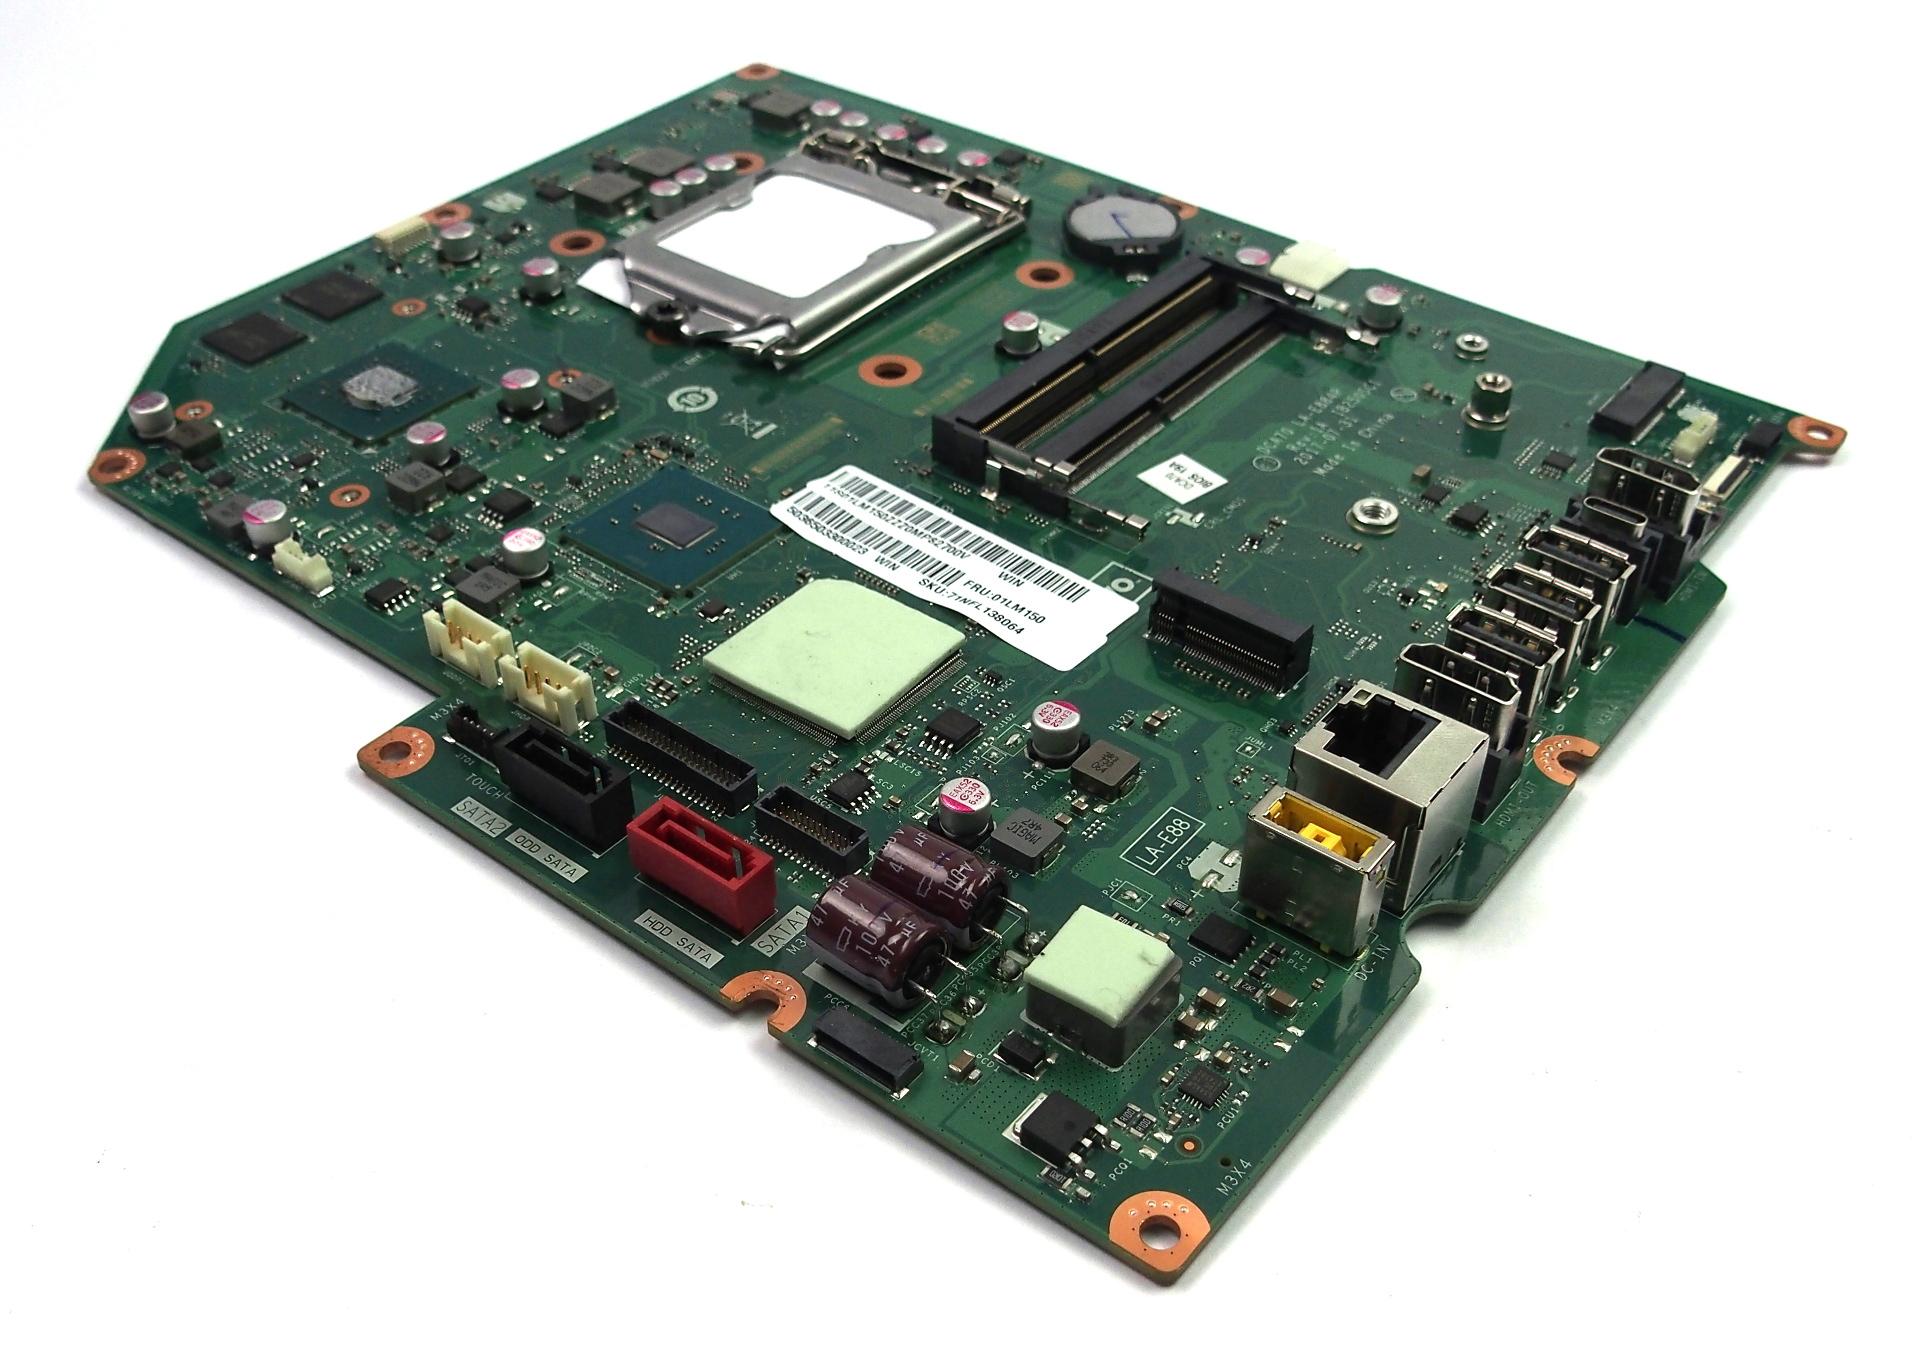 01LM150 Lenovo IdeaCentre 520-27IKL AiO PC Motherboard LA-E884P